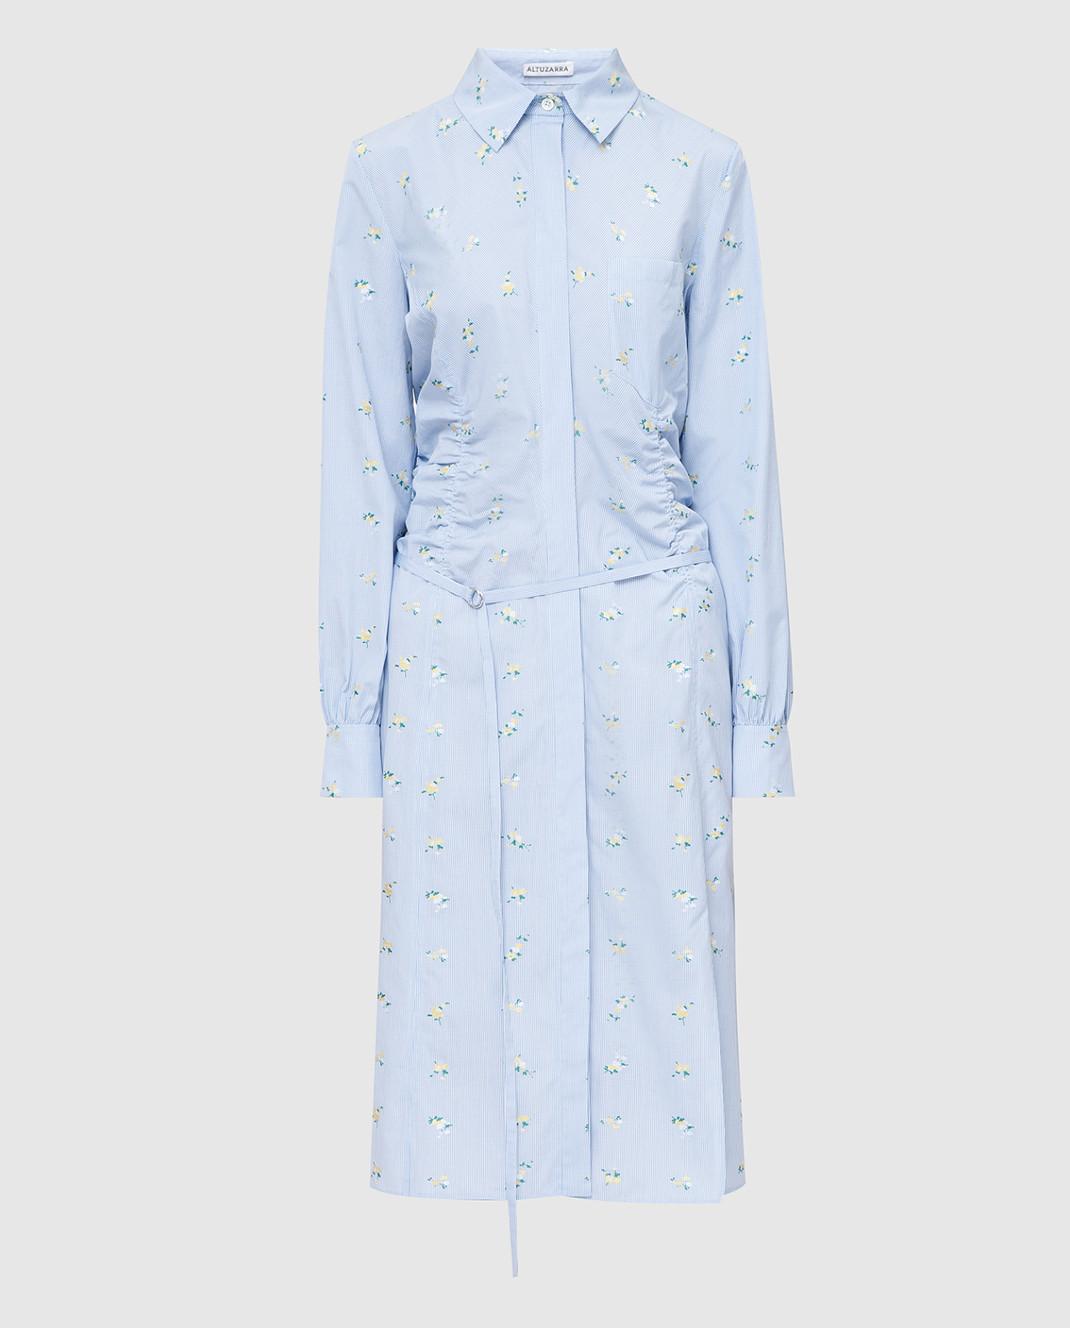 Altuzarra Голубое платье изображение 1